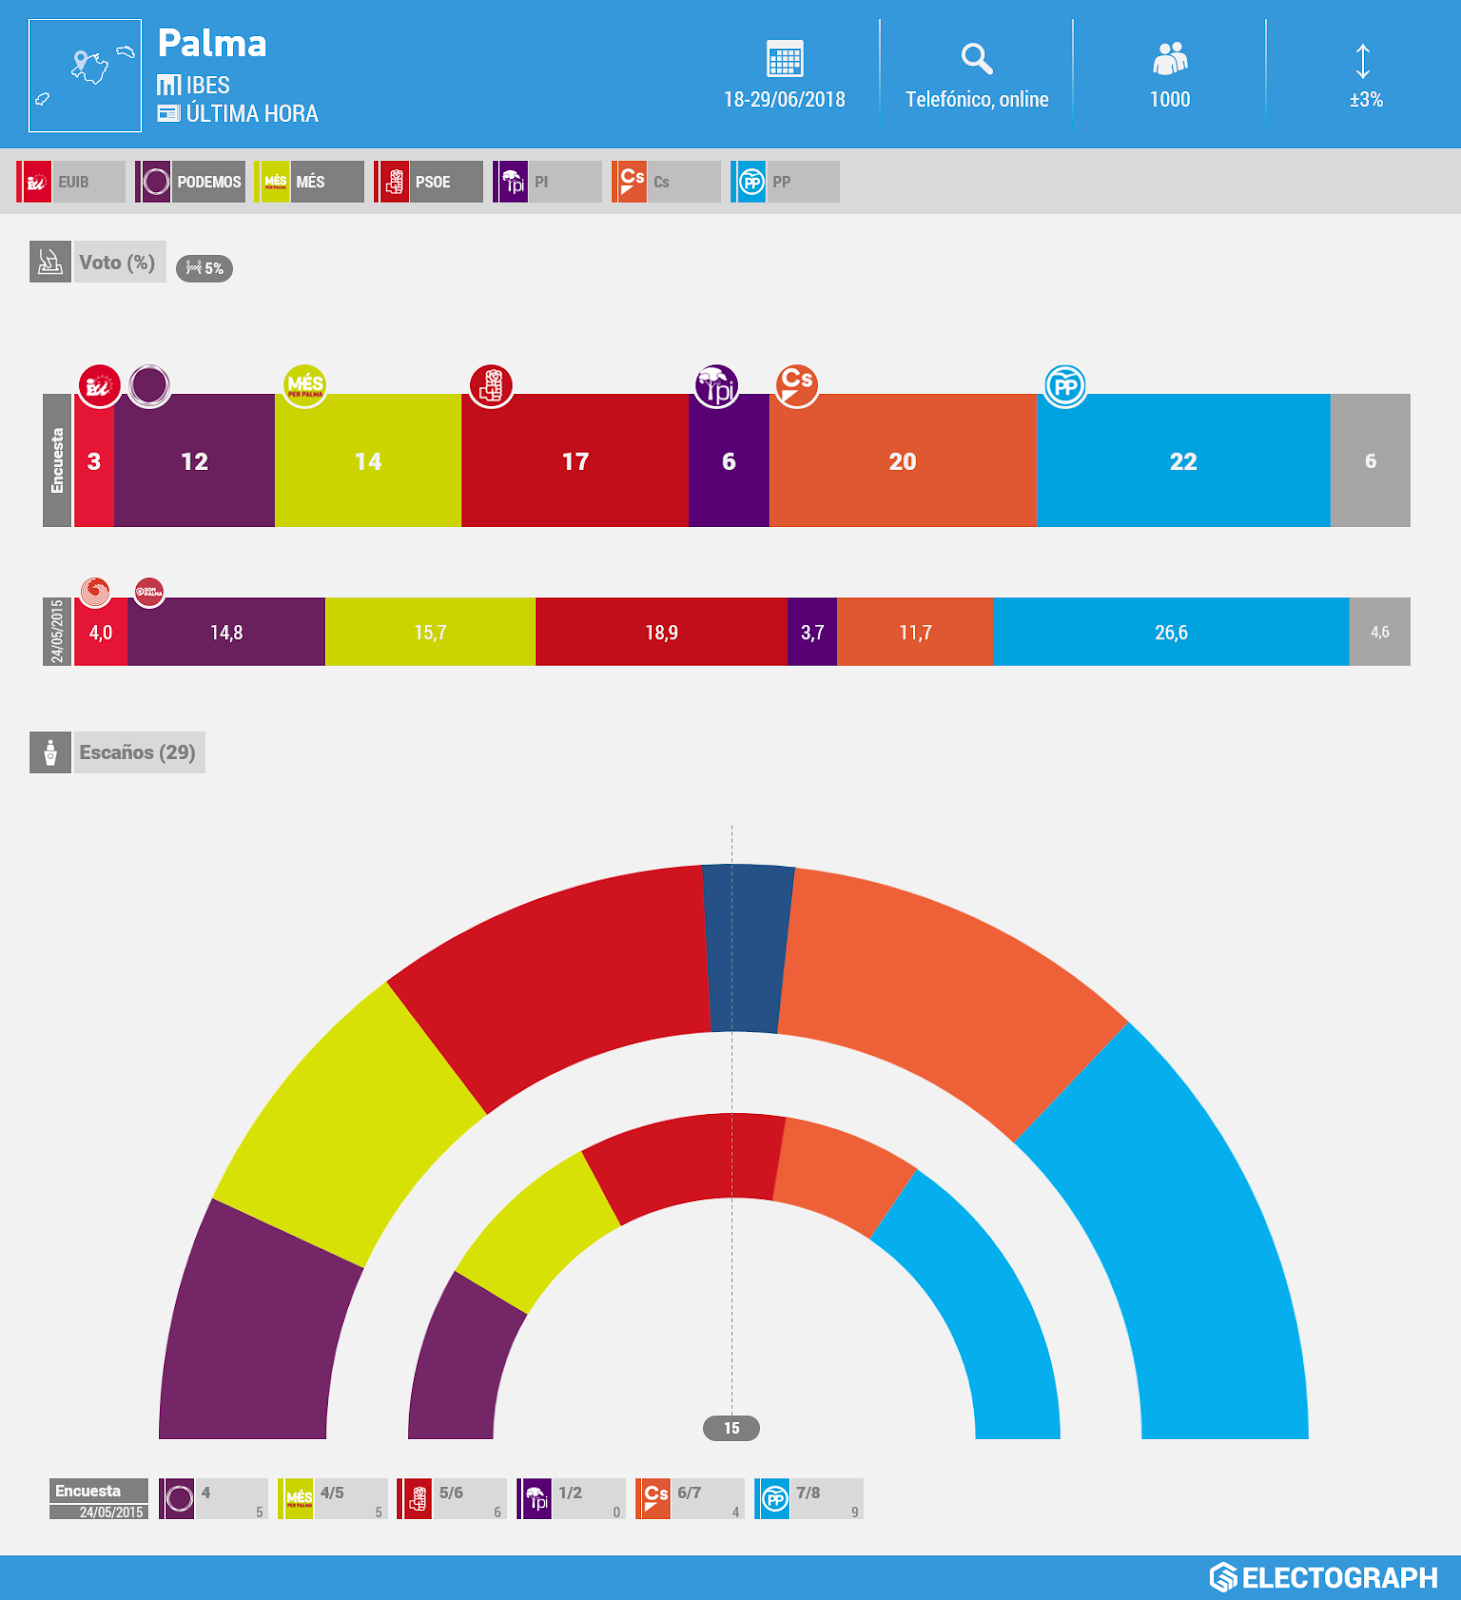 Gráfico de la encuesta para elecciones municipales en Palma realizada por IBES para Última Hora en junio de 2018